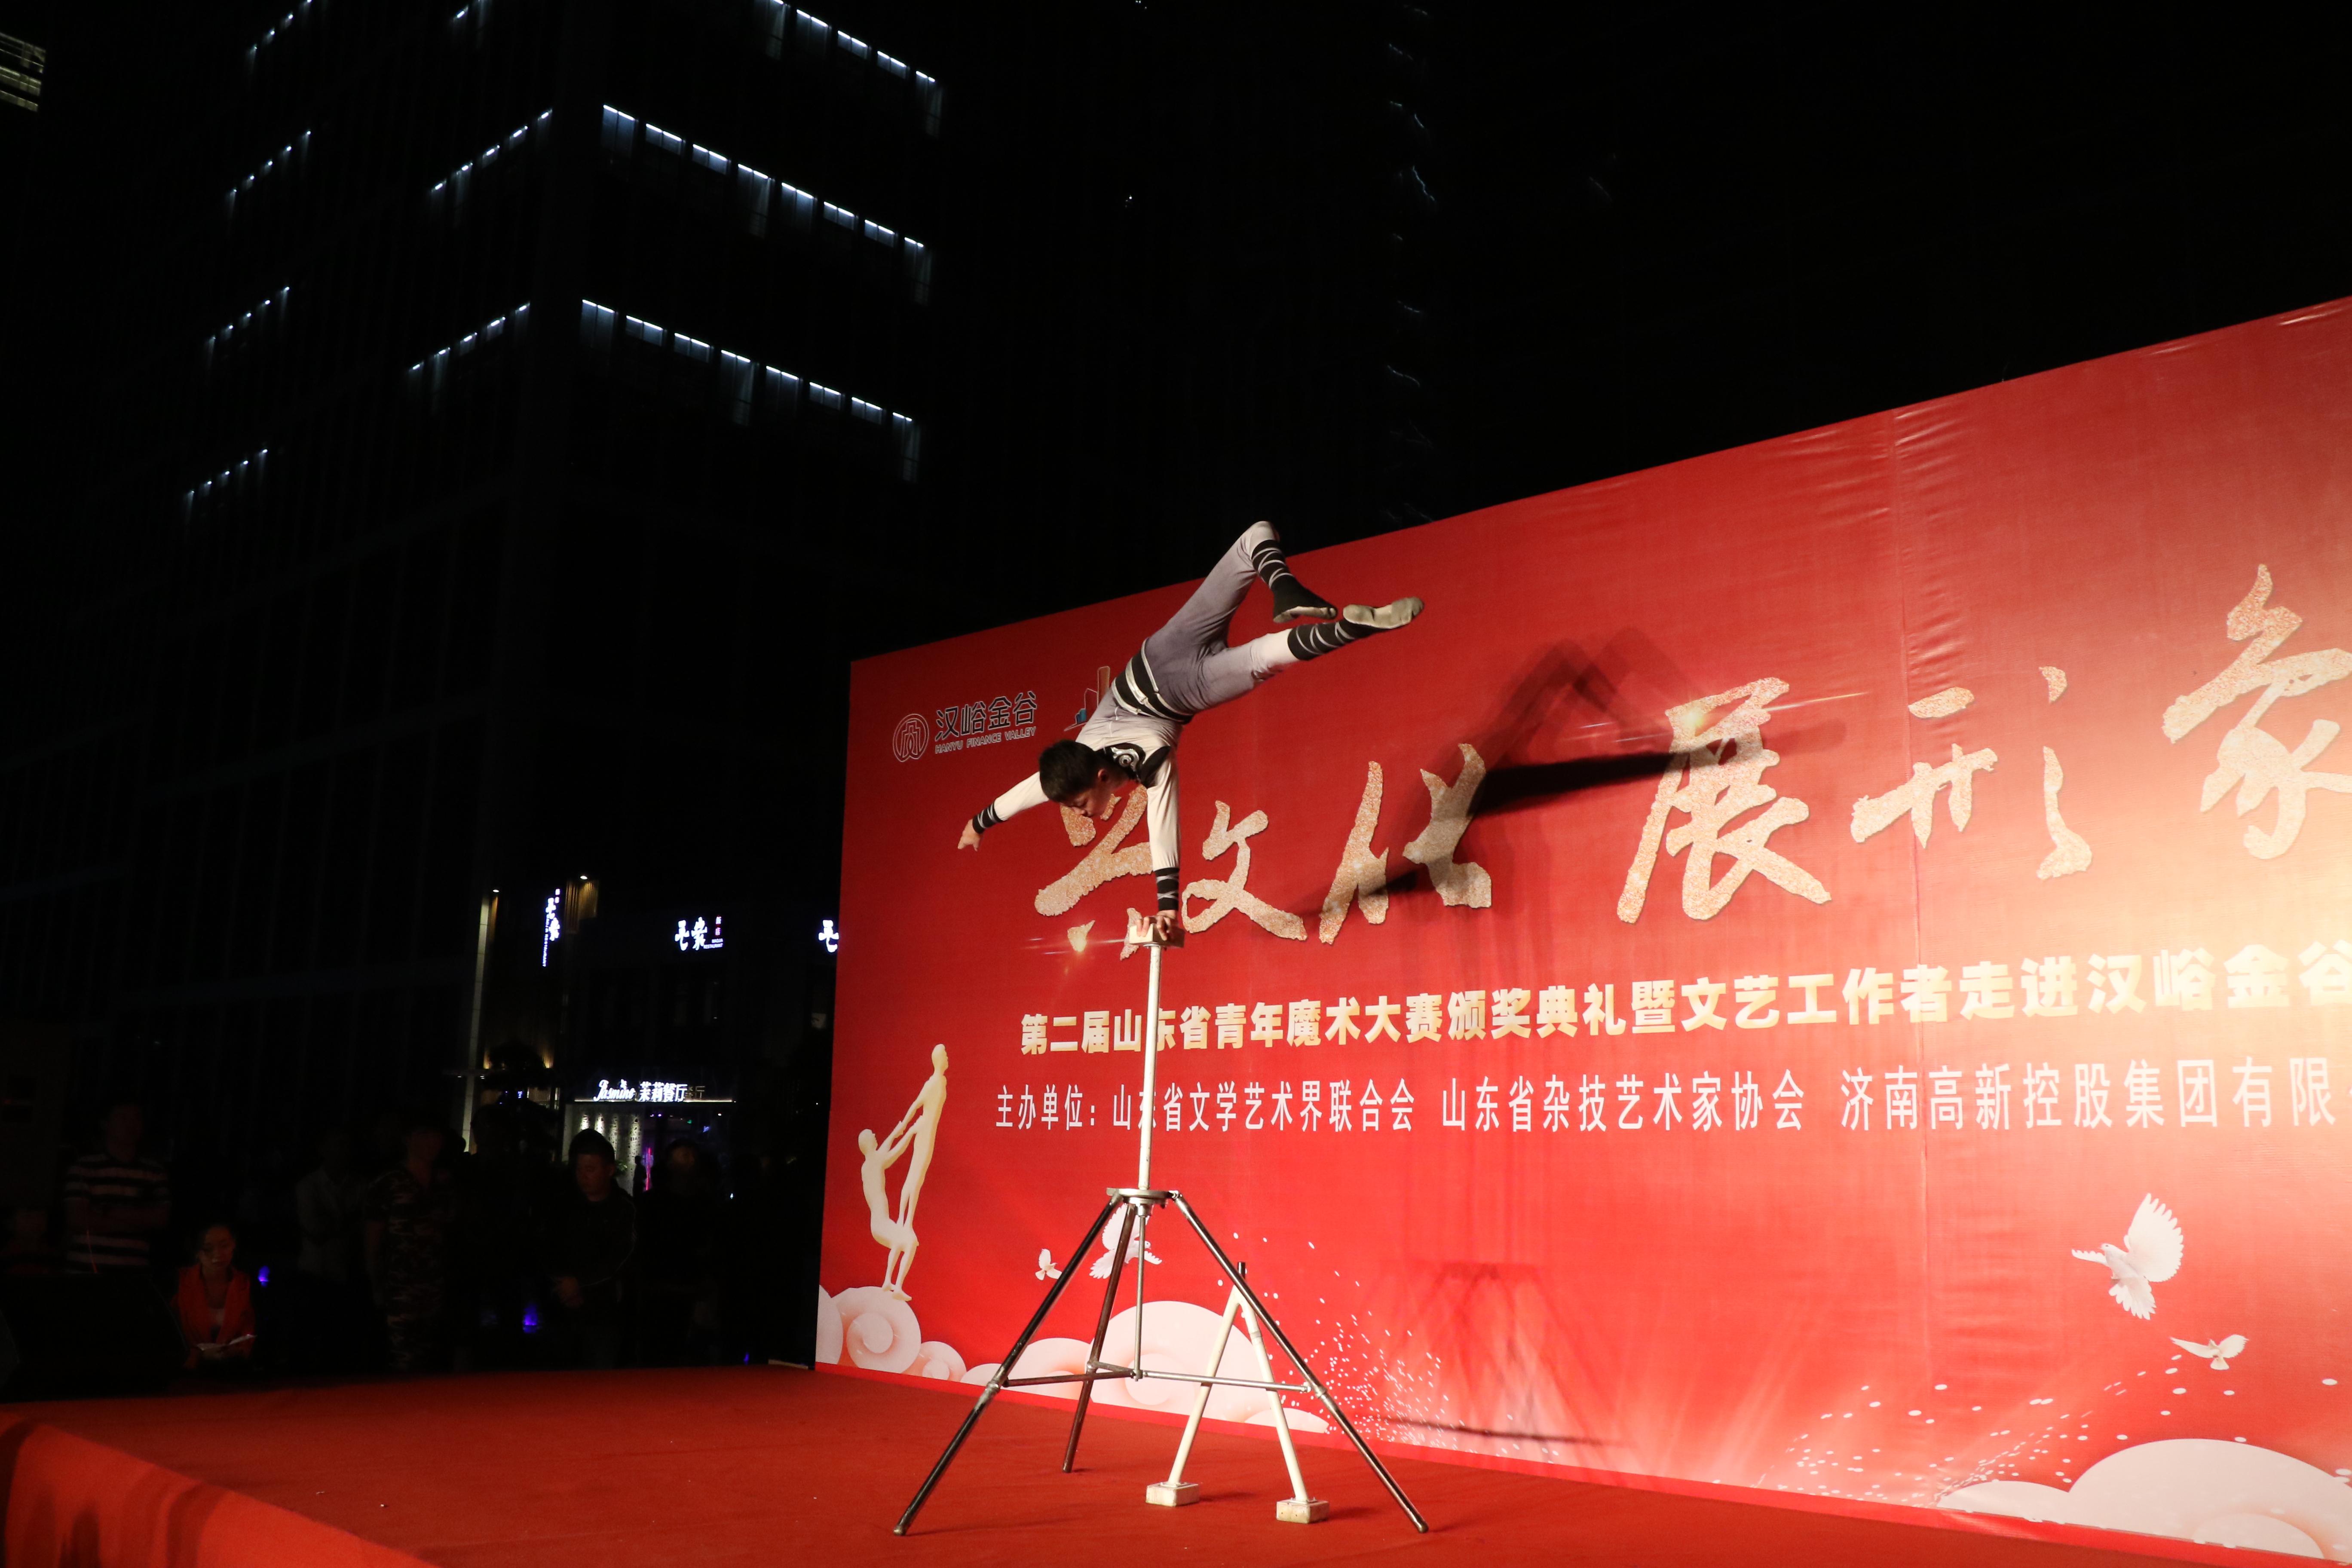 第二届山东省青年魔术大赛颁奖典礼举行